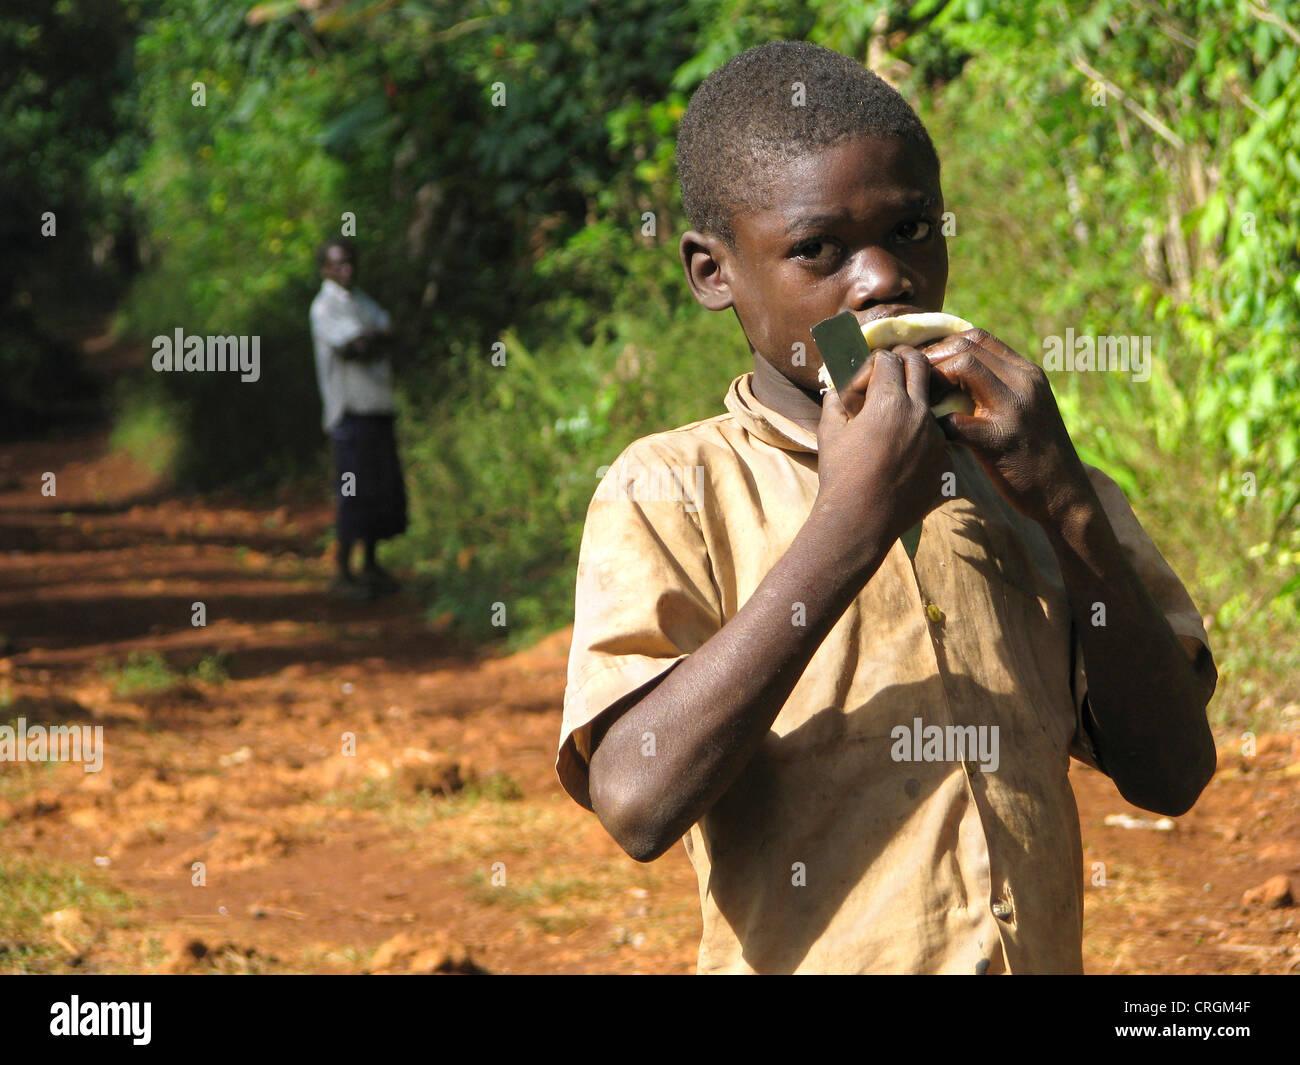 Garçon en zone rurale est de sucer sur une orange, l'homme regarde en arrière-plan, Haïti, Grande Photo Stock